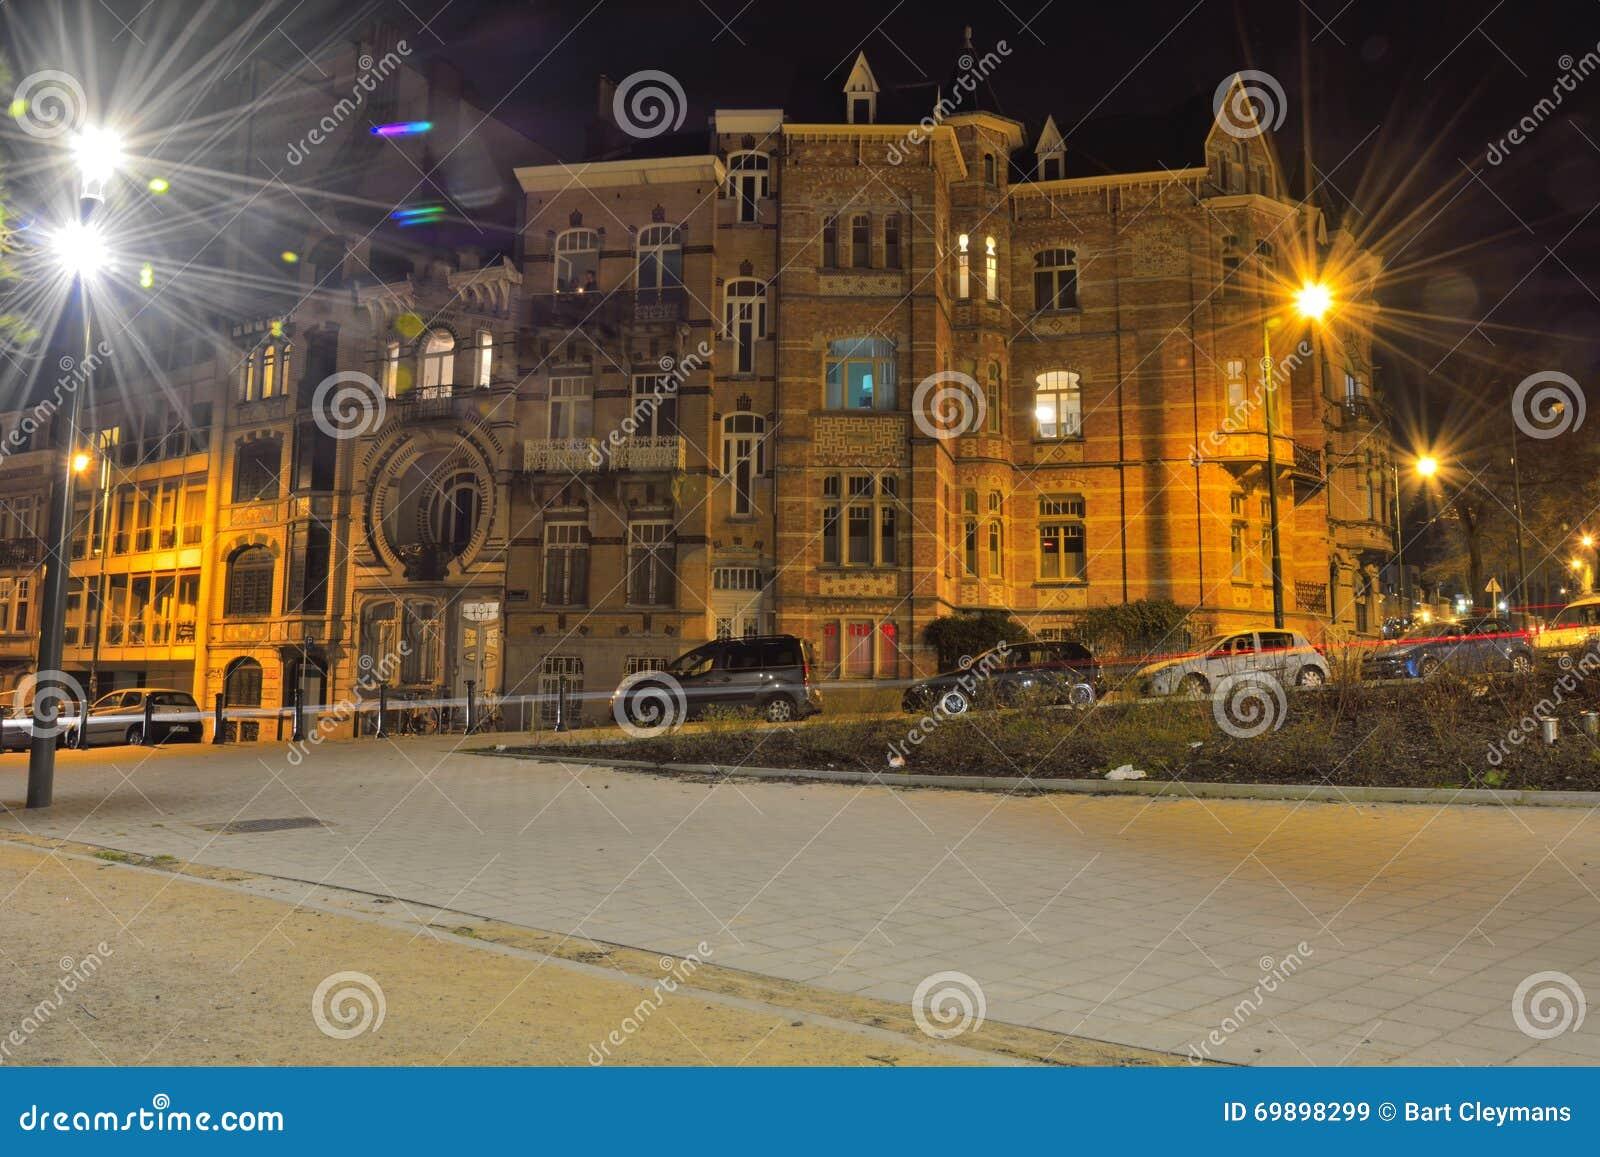 Mooie historische huizen in brussel redactionele stock afbeelding afbeelding 69898299 - Deco huizen ...